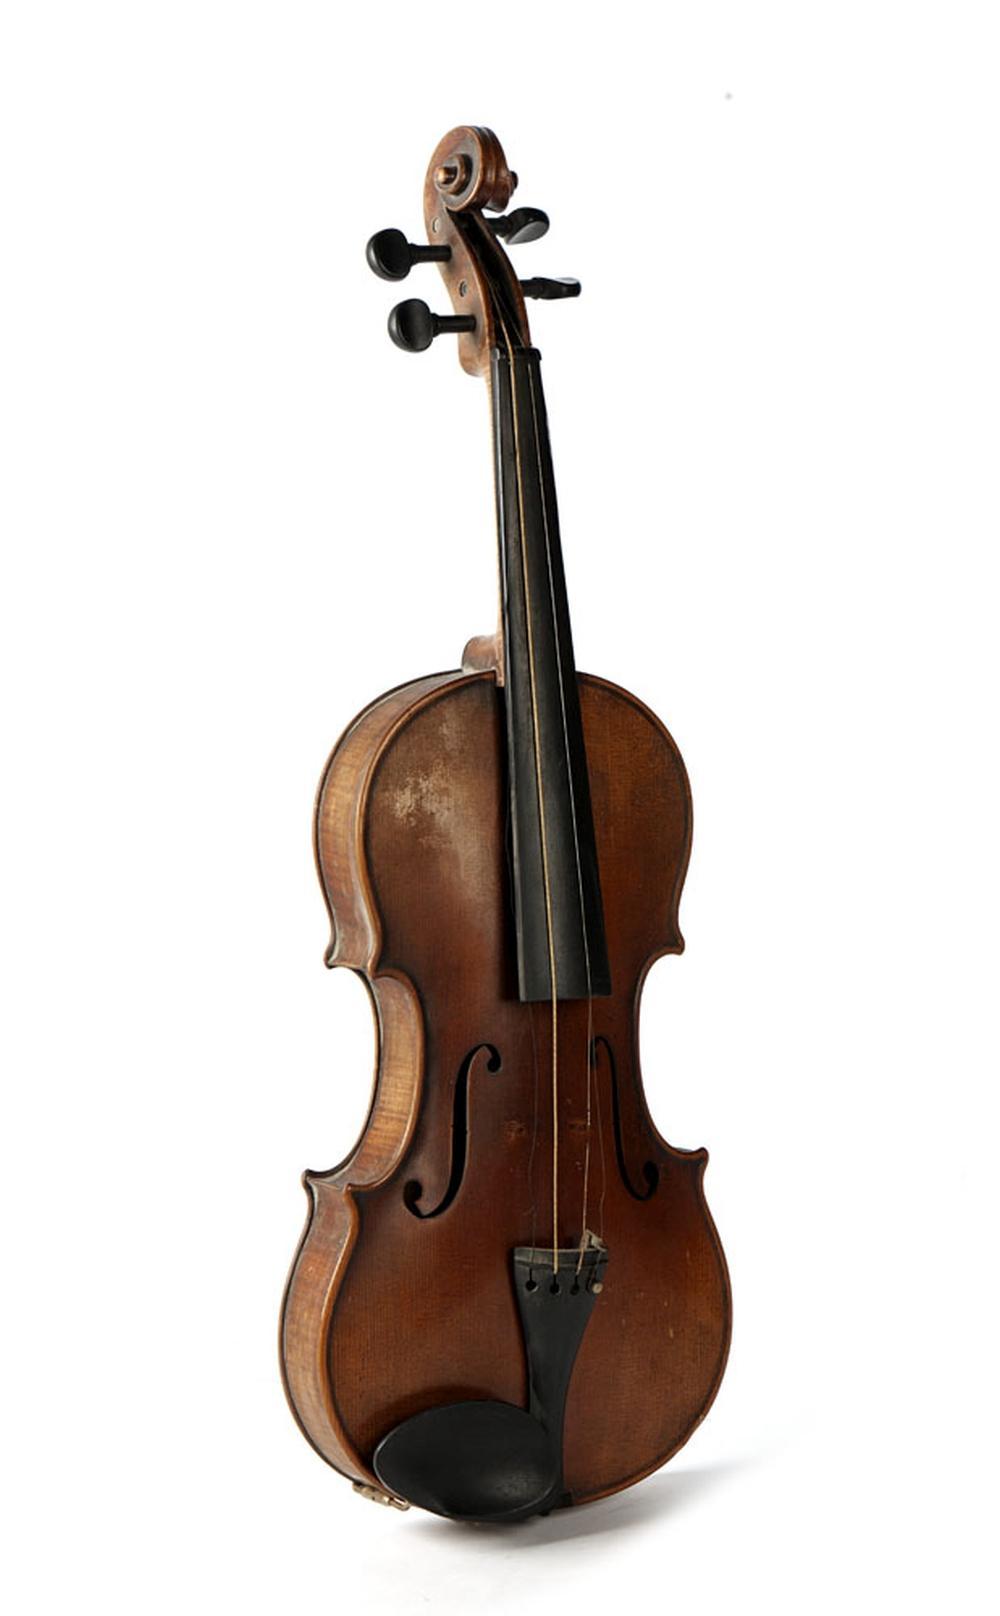 Violino em madeira e outros materiais